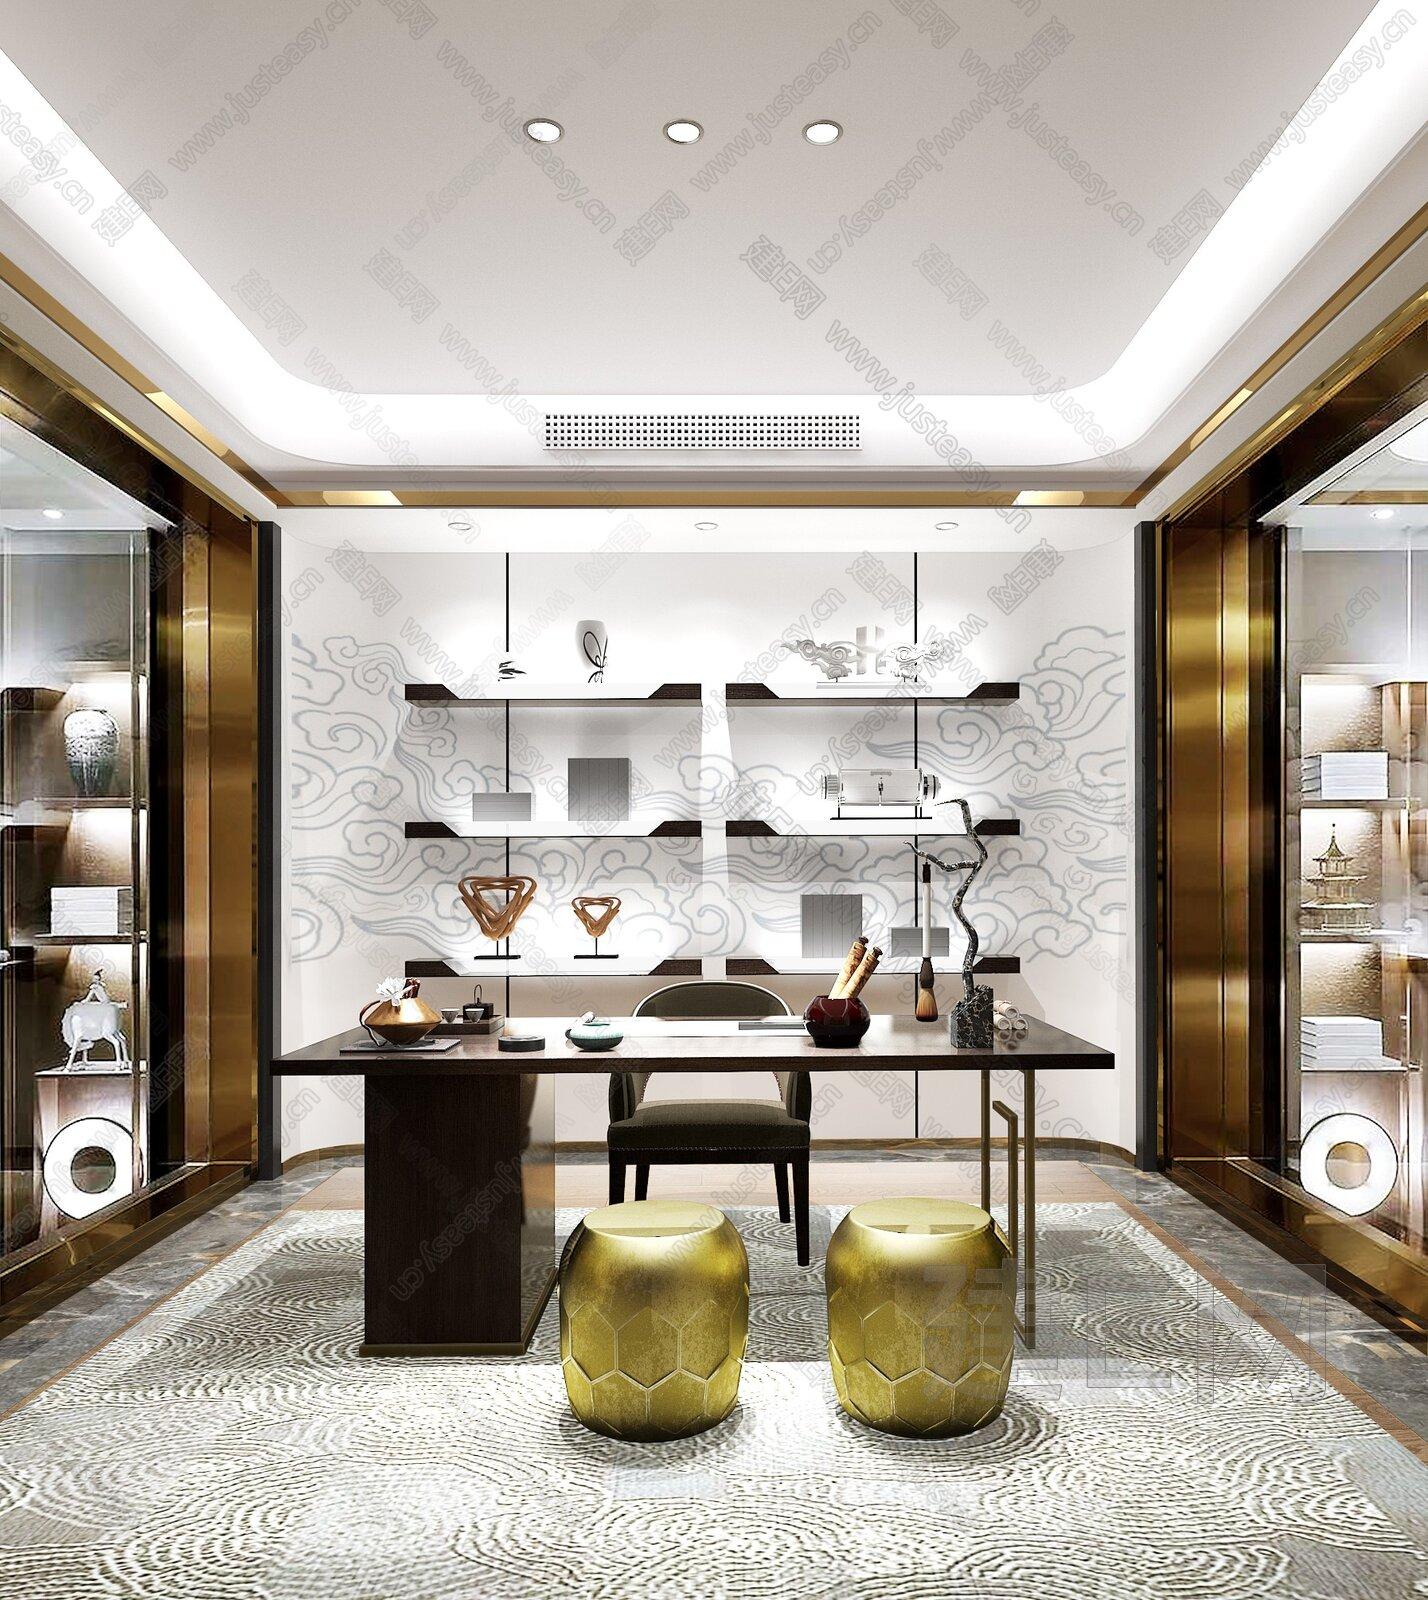 上海天鼓装饰设计 北京亿城燕西院子61#联排别墅 新中式书房3d模型